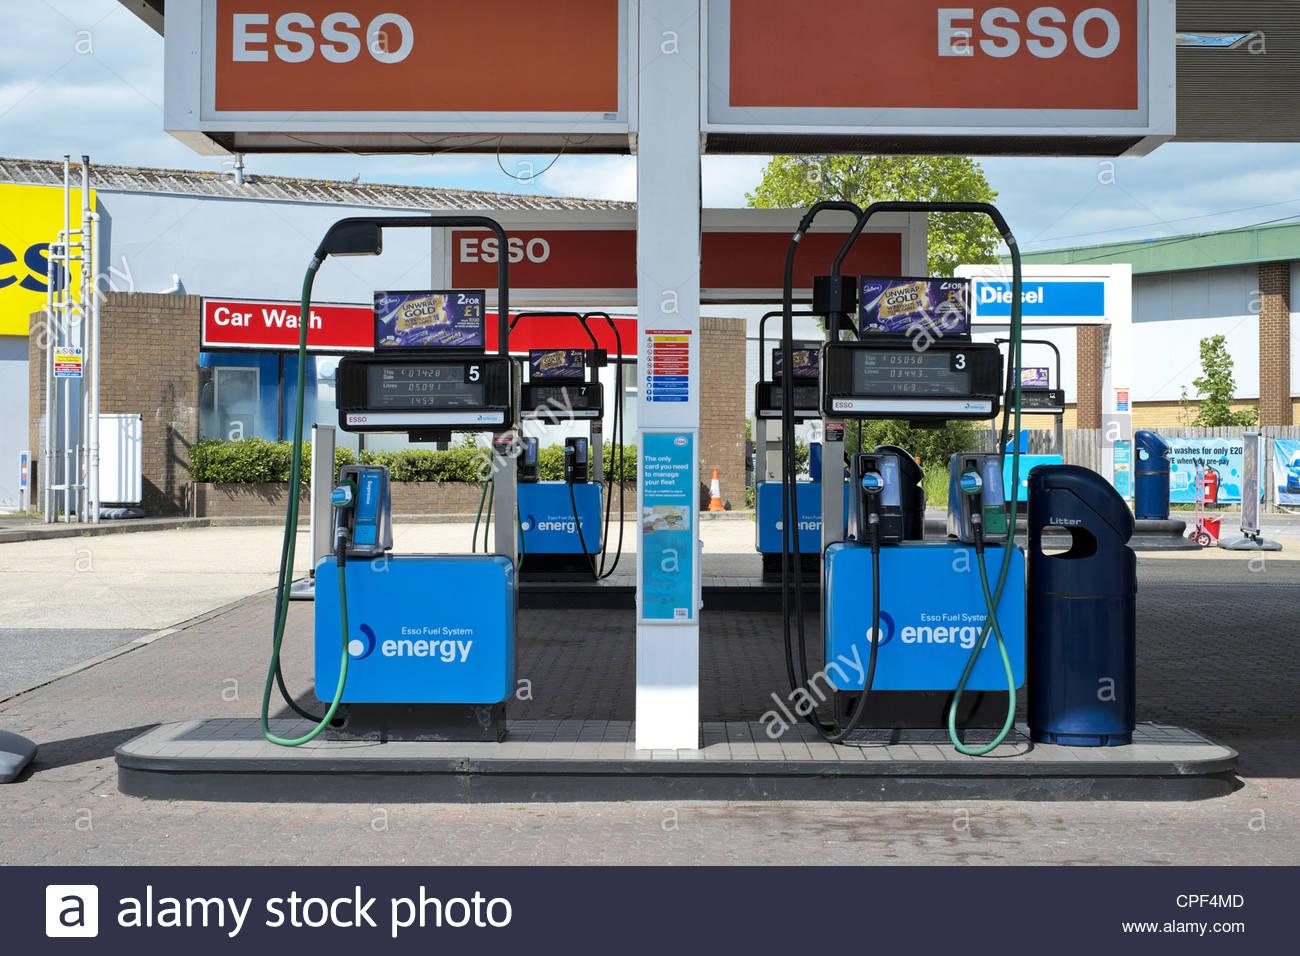 Esso Gas Station Car Wash